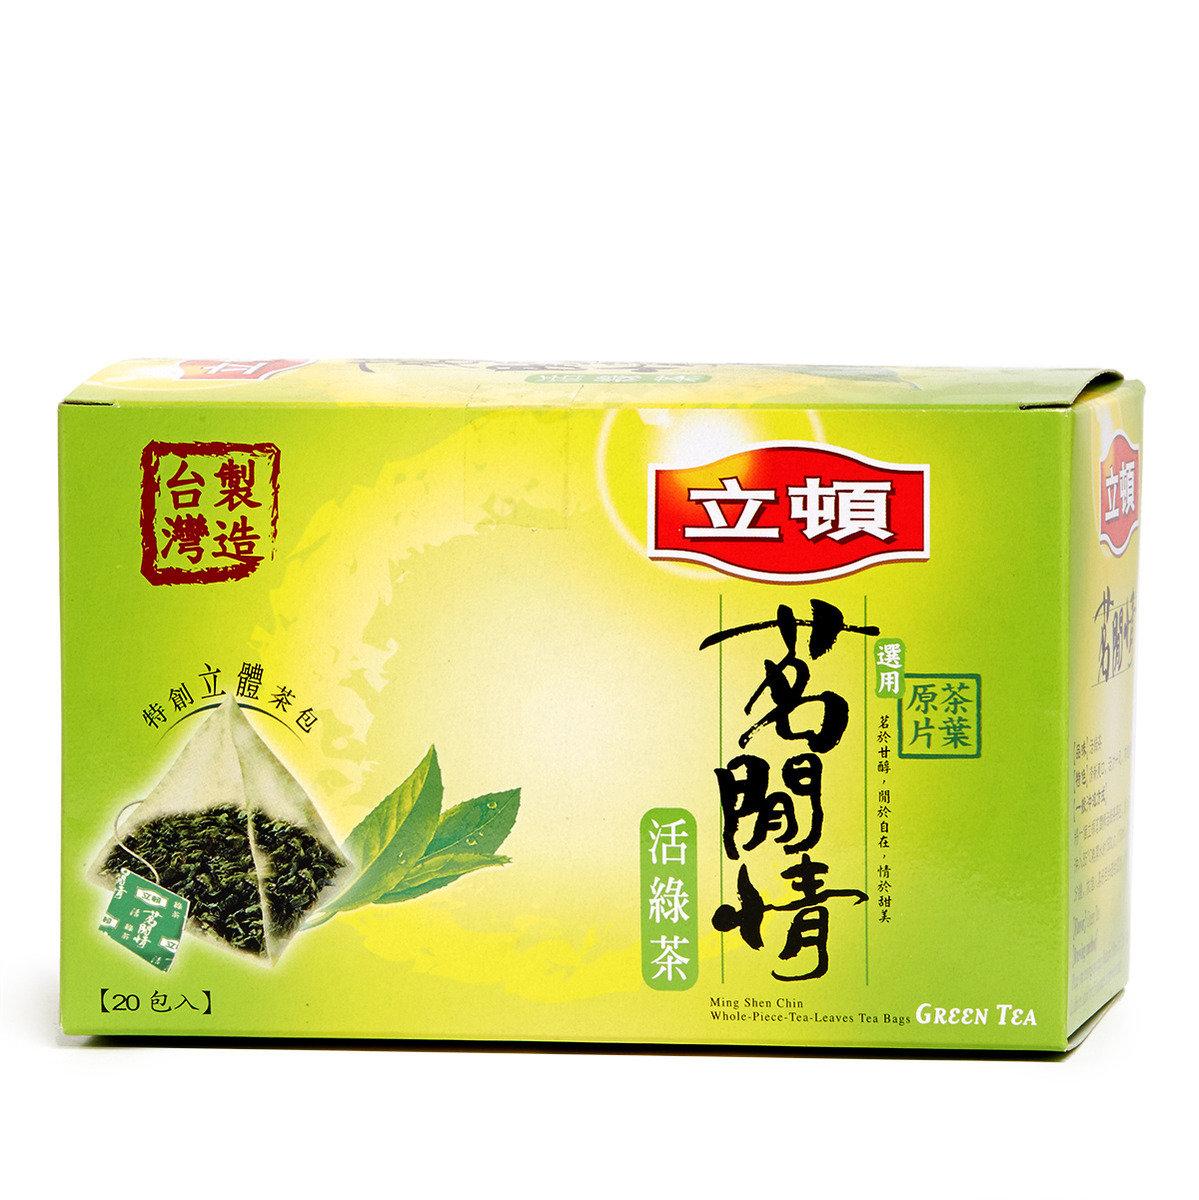 茗閒情原片茶葉包 - 綠茶